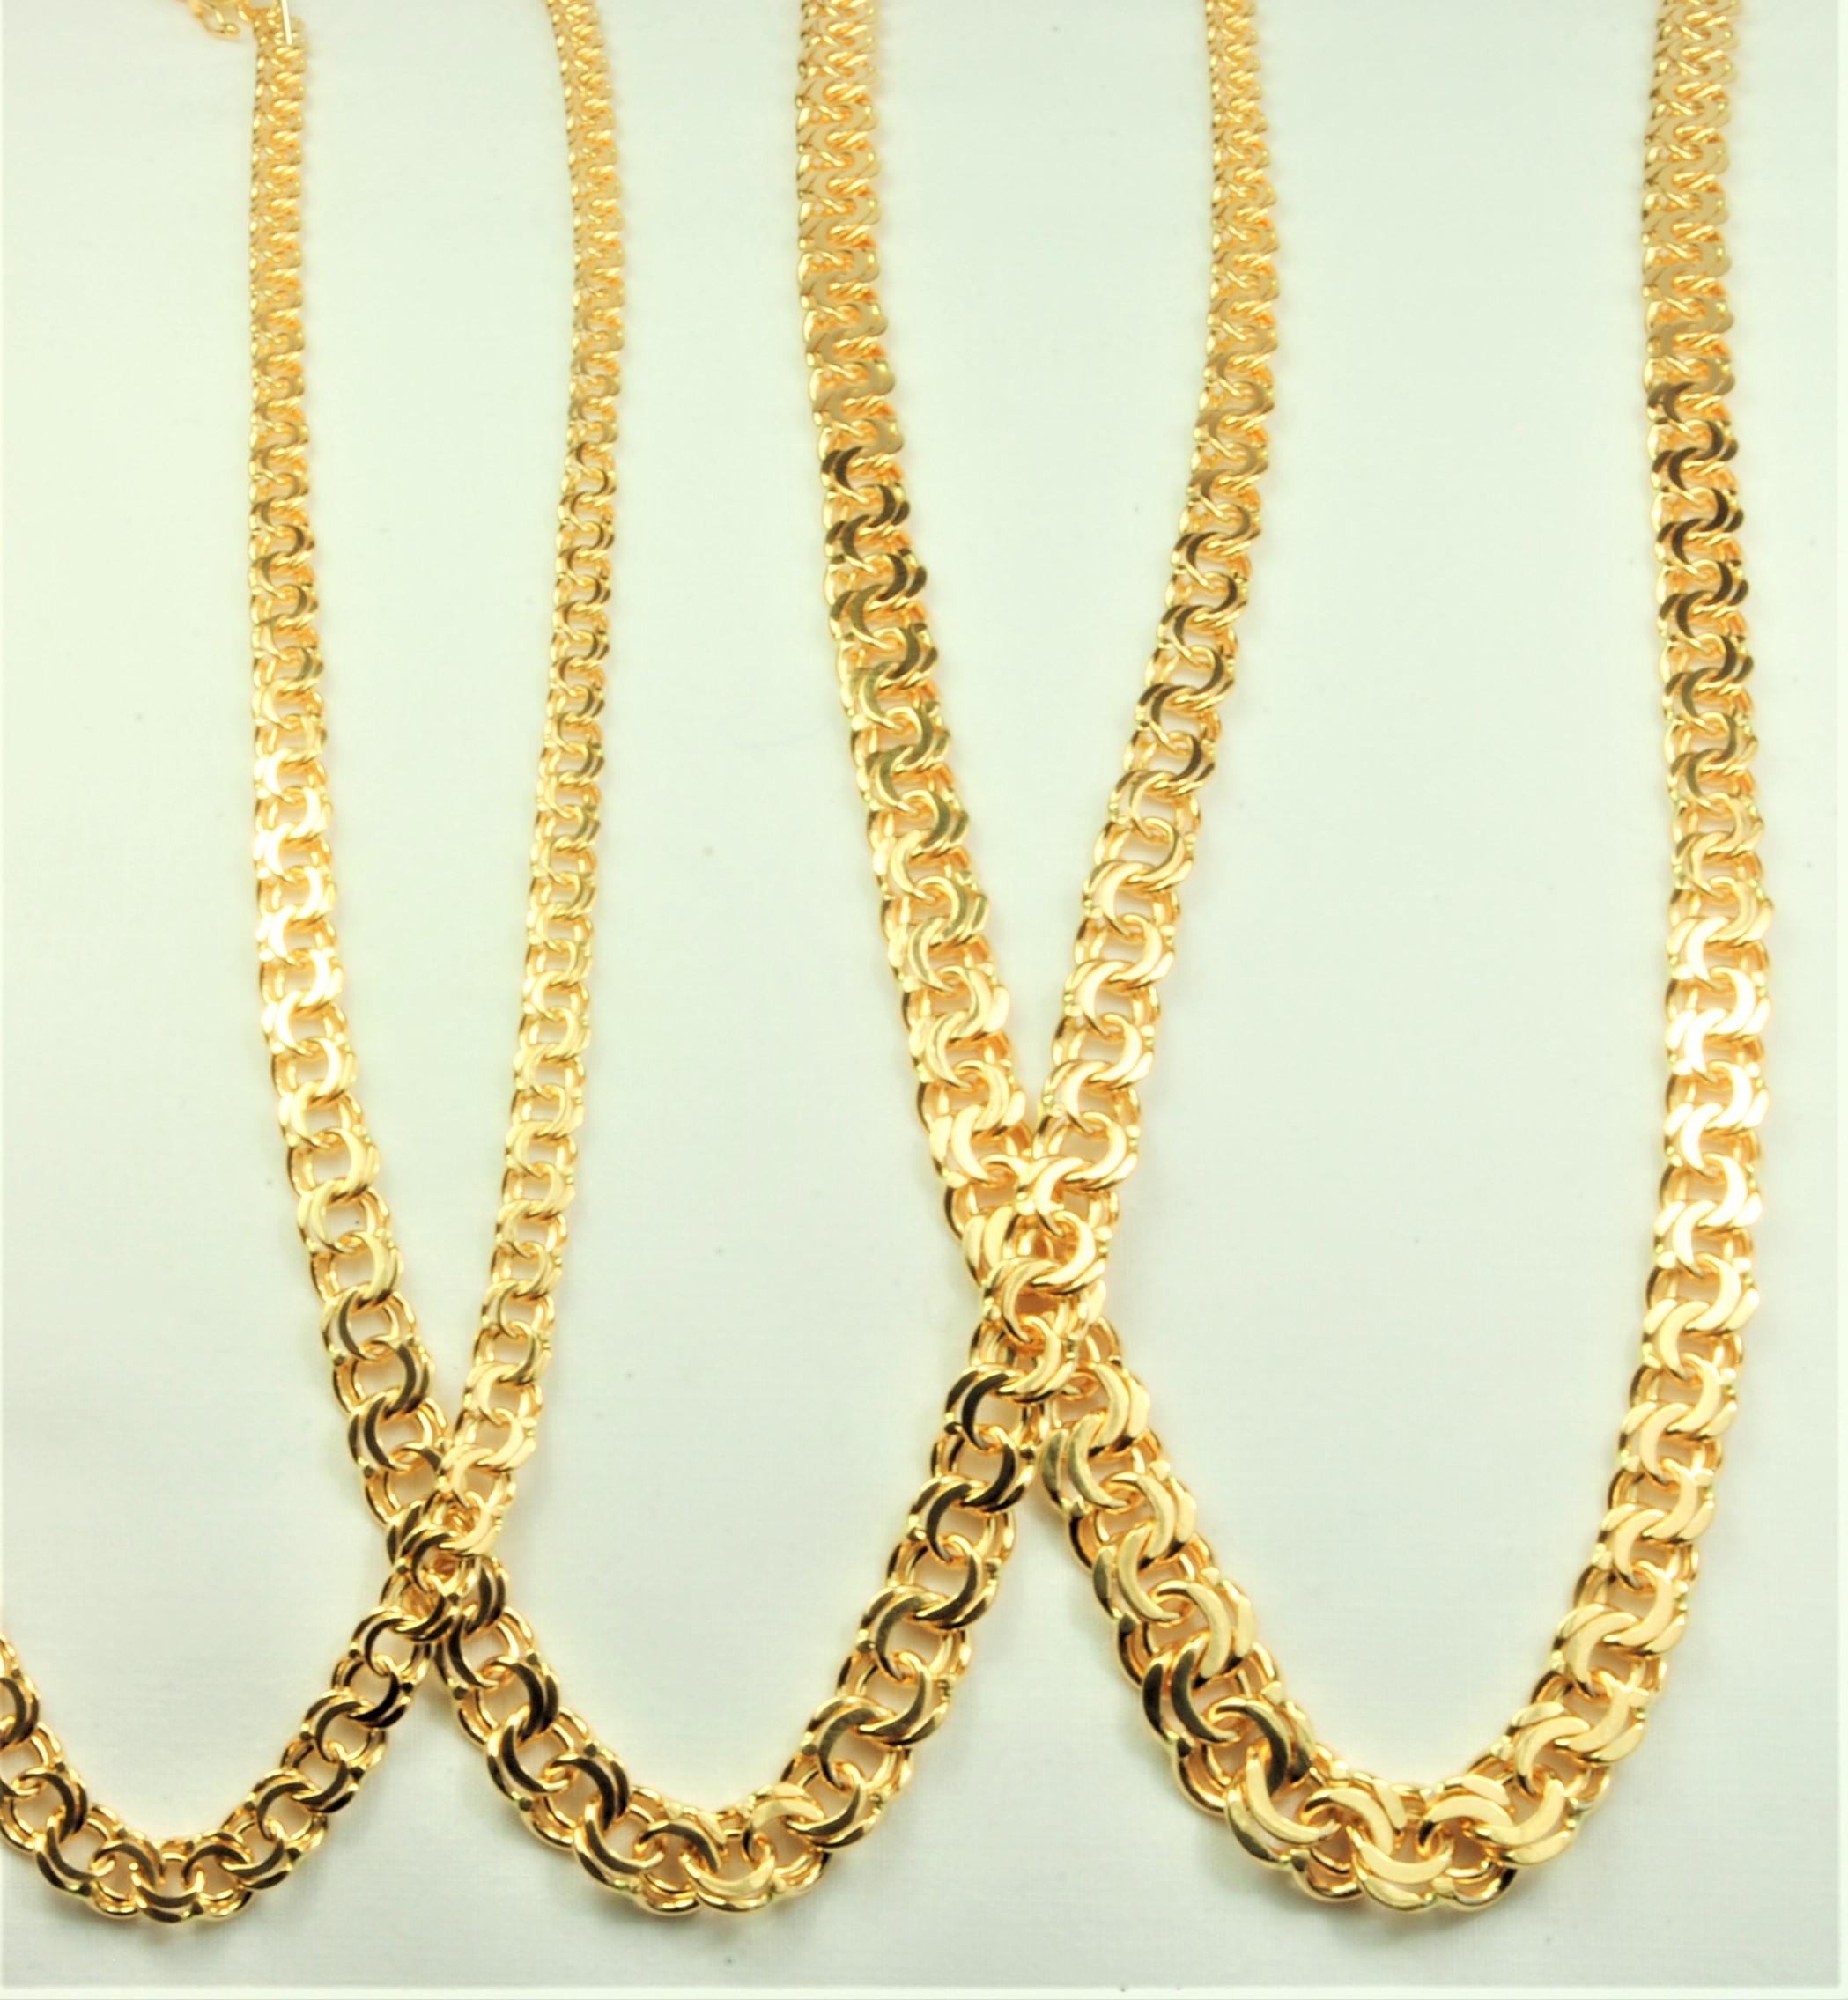 8081a68718cc 14 kt Guld Bismark halskæde i ligeløb 45 cm - Ure-smykker din lokale ...